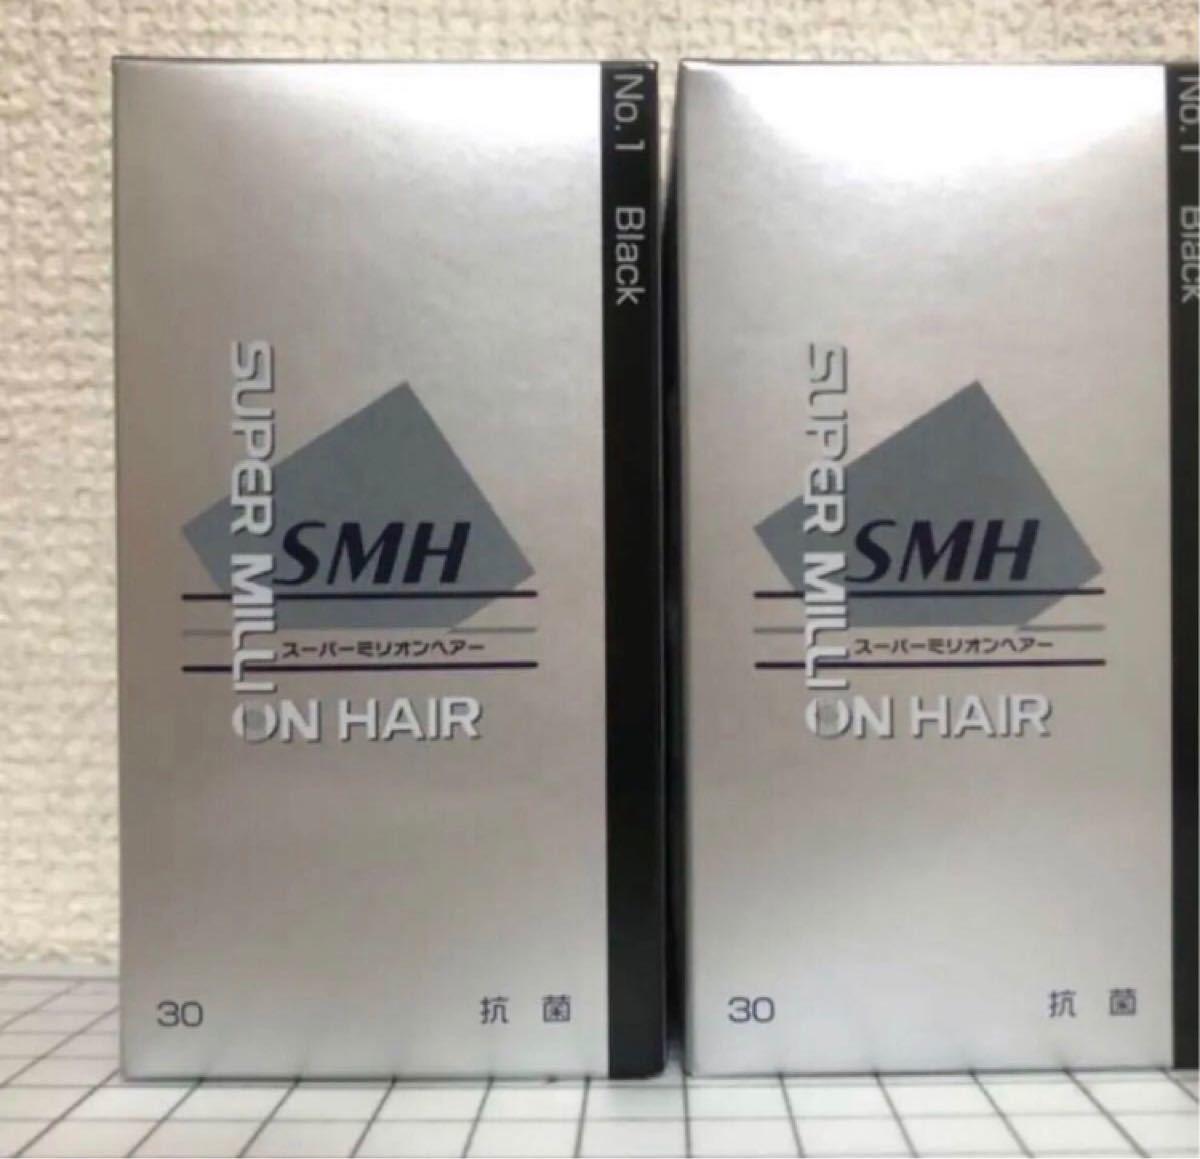 【新品・未使用】スーパーミリオンヘアー ブラック 30g 2箱